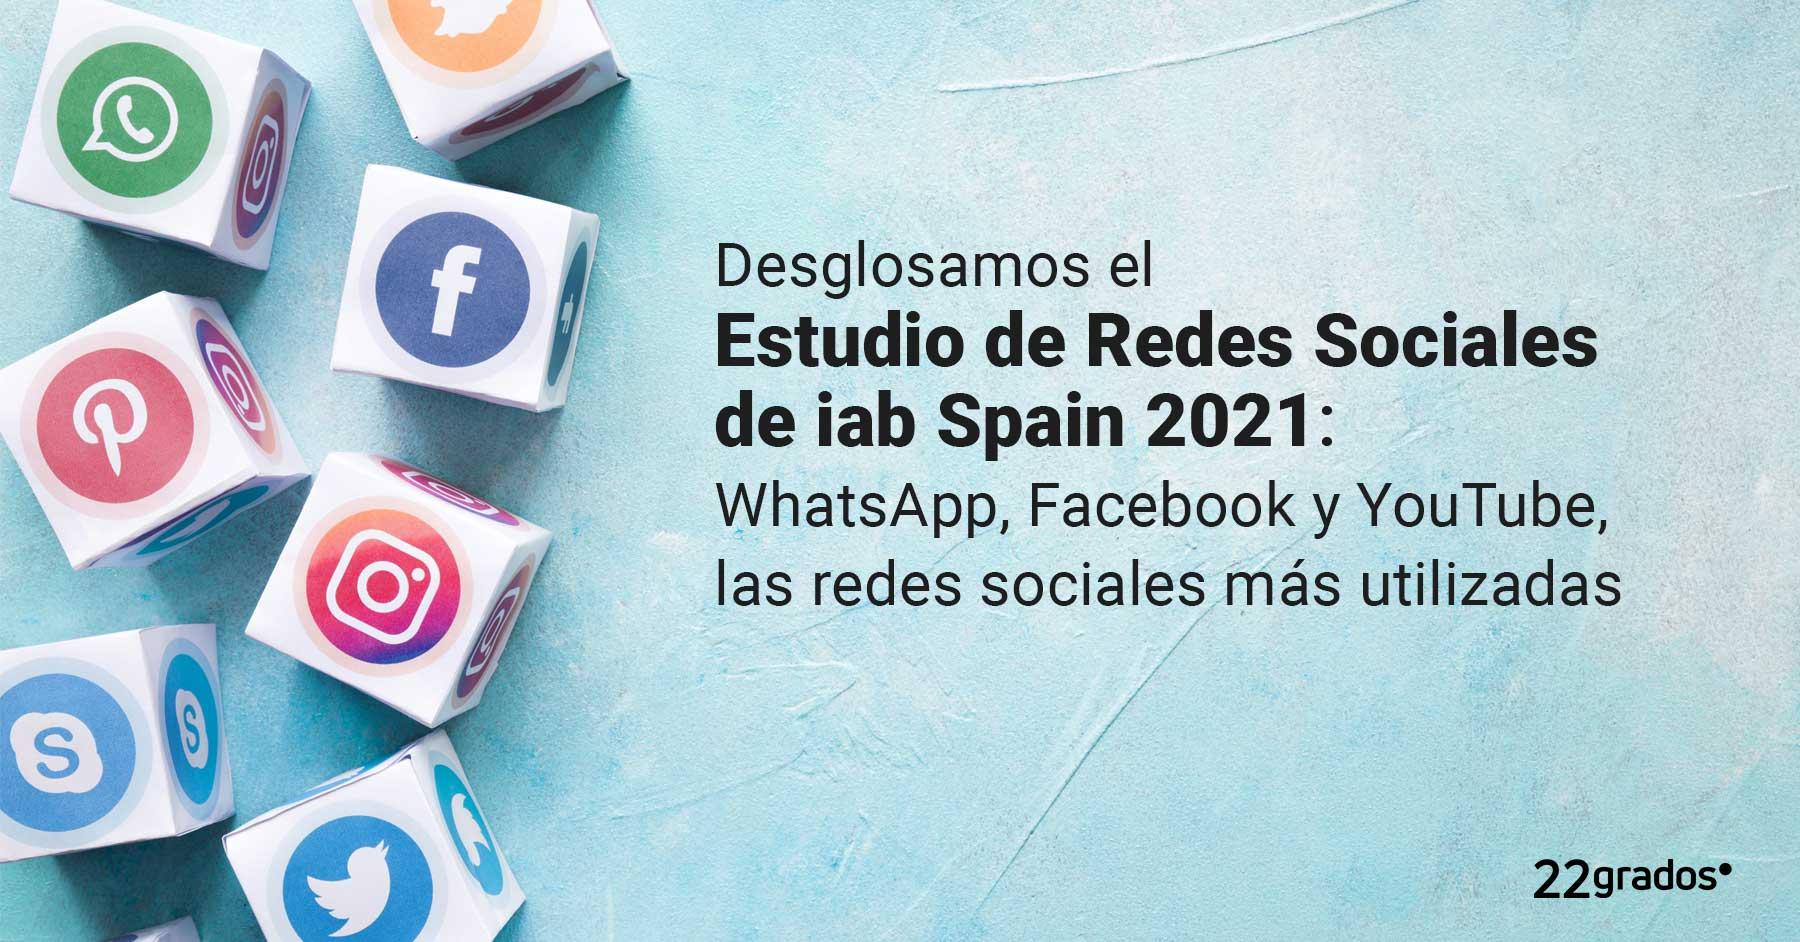 Desglosamos el Estudio Anual de Redes Sociales de IAB Spain 2021: WhatsApp, Facebook y YouTube, las redes sociales más utilizadas